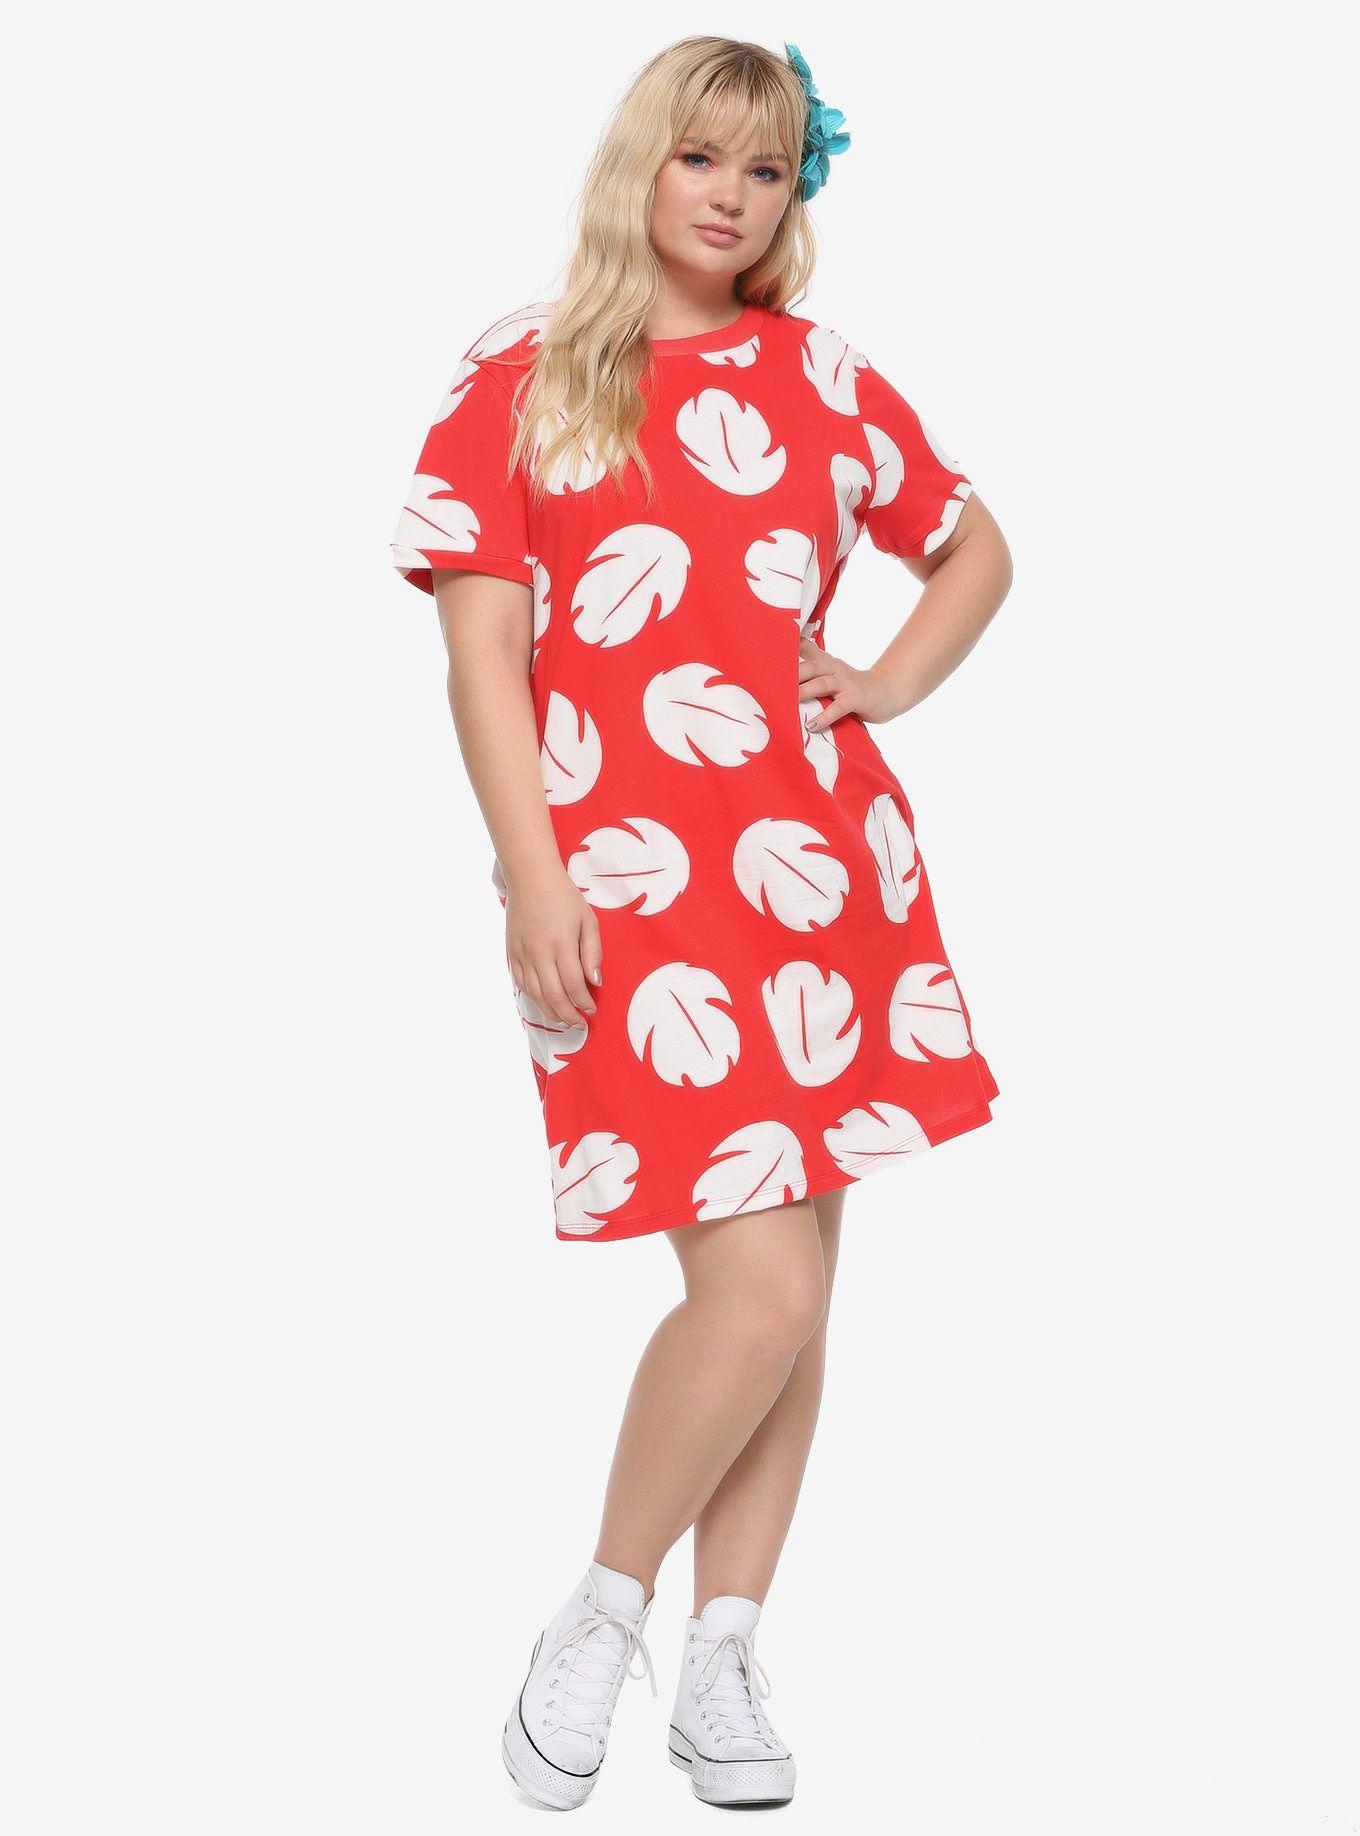 Disney Lilo & Stitch Lilo TShirt Dress Plus Size in 2020